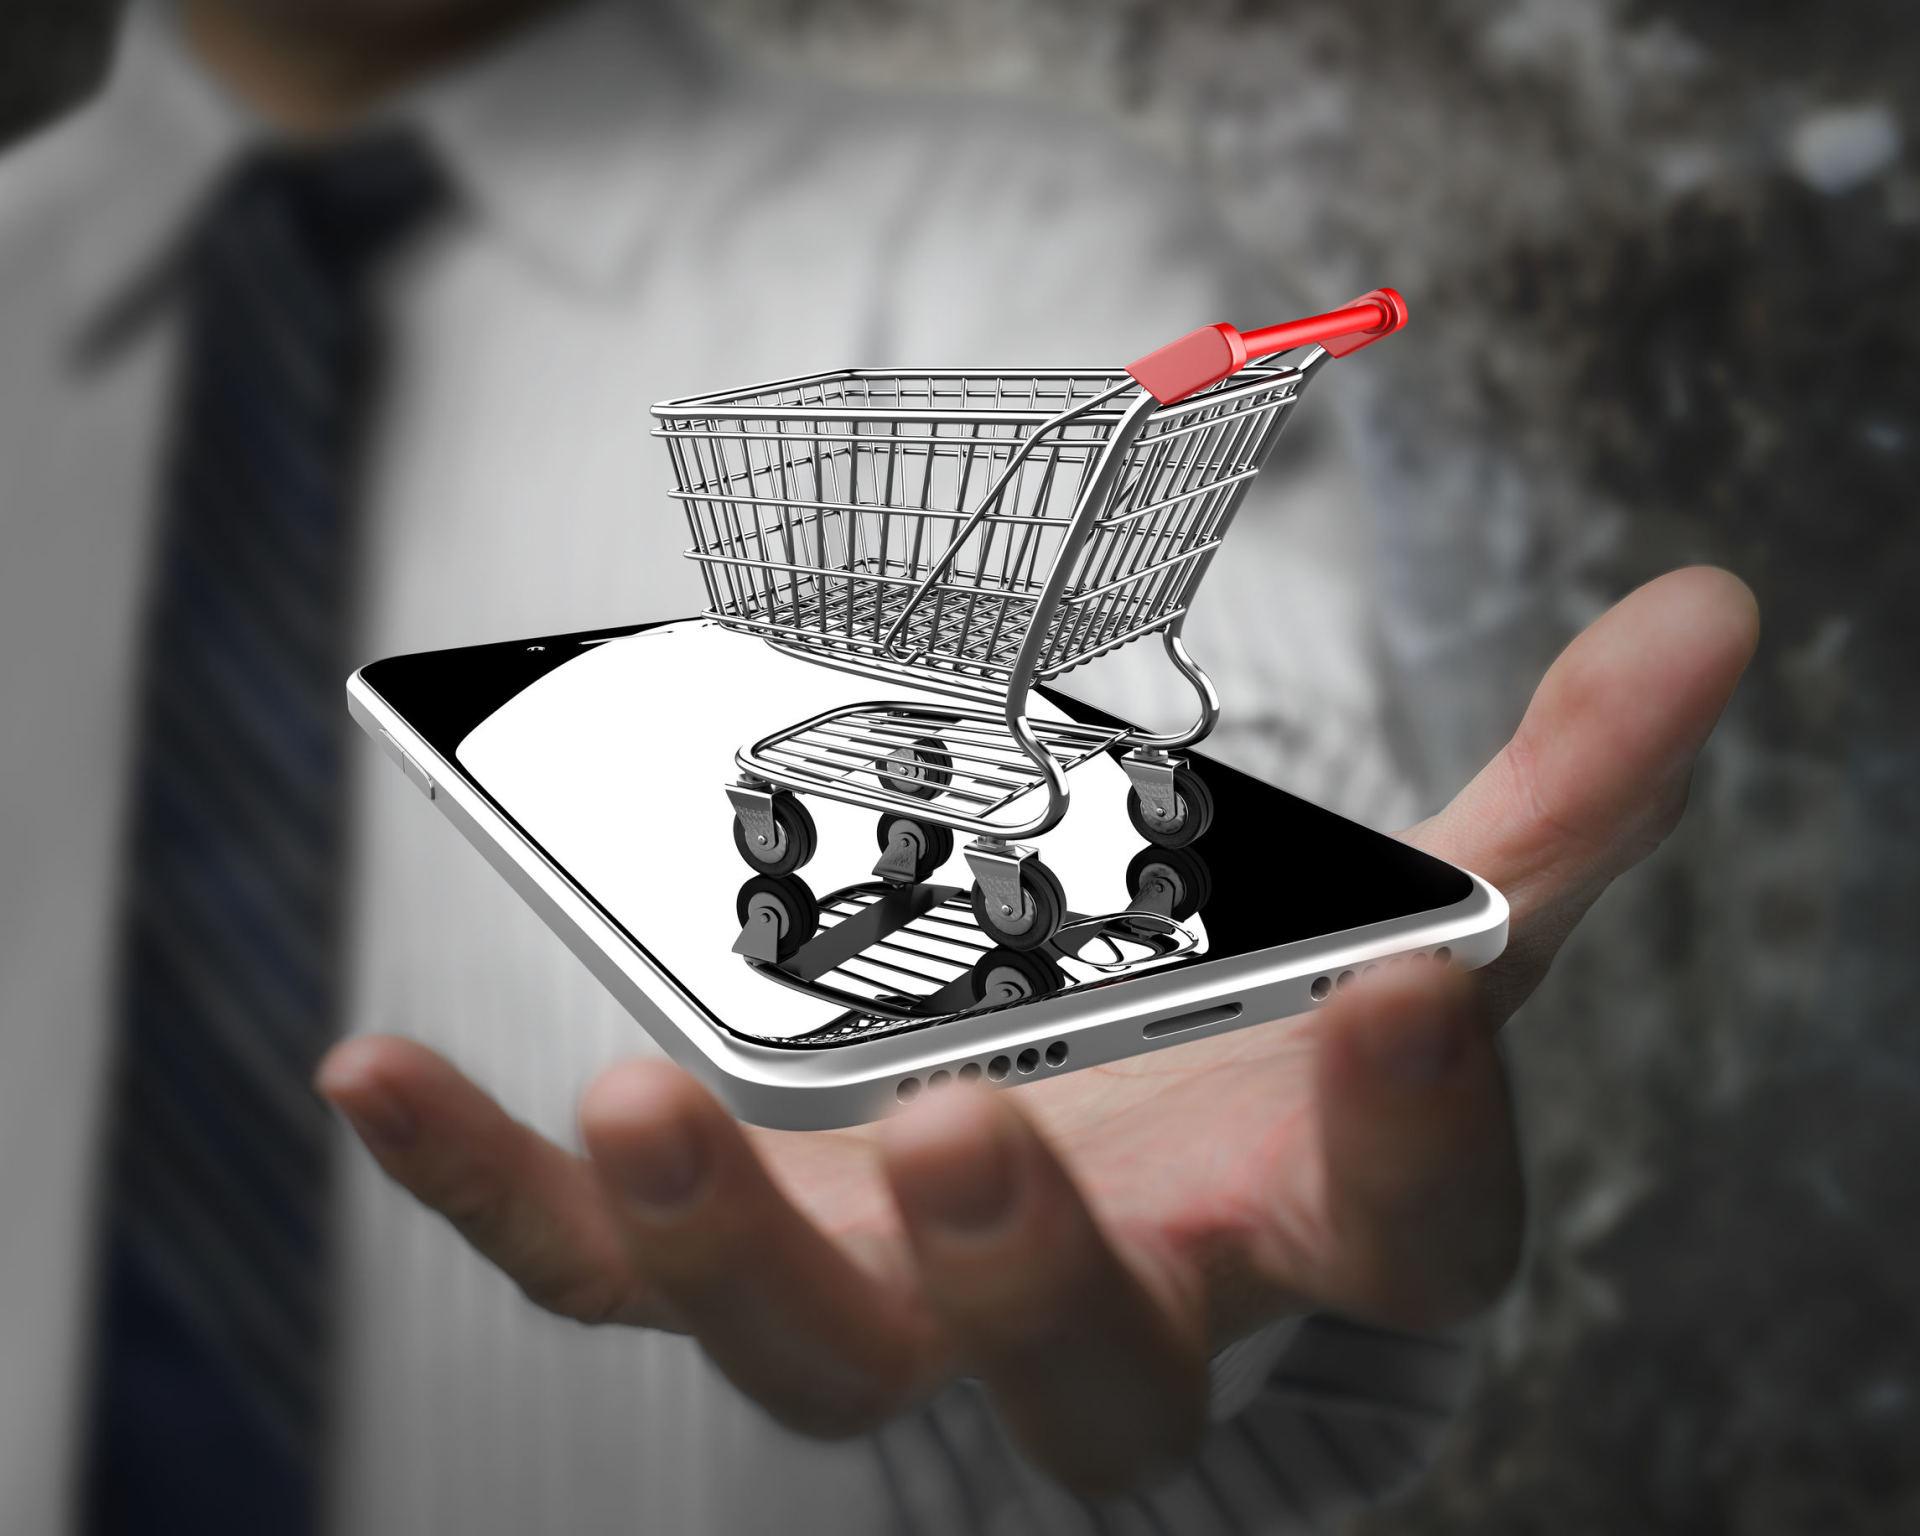 ekspertų pasirinkimas internetinėje prekyboje